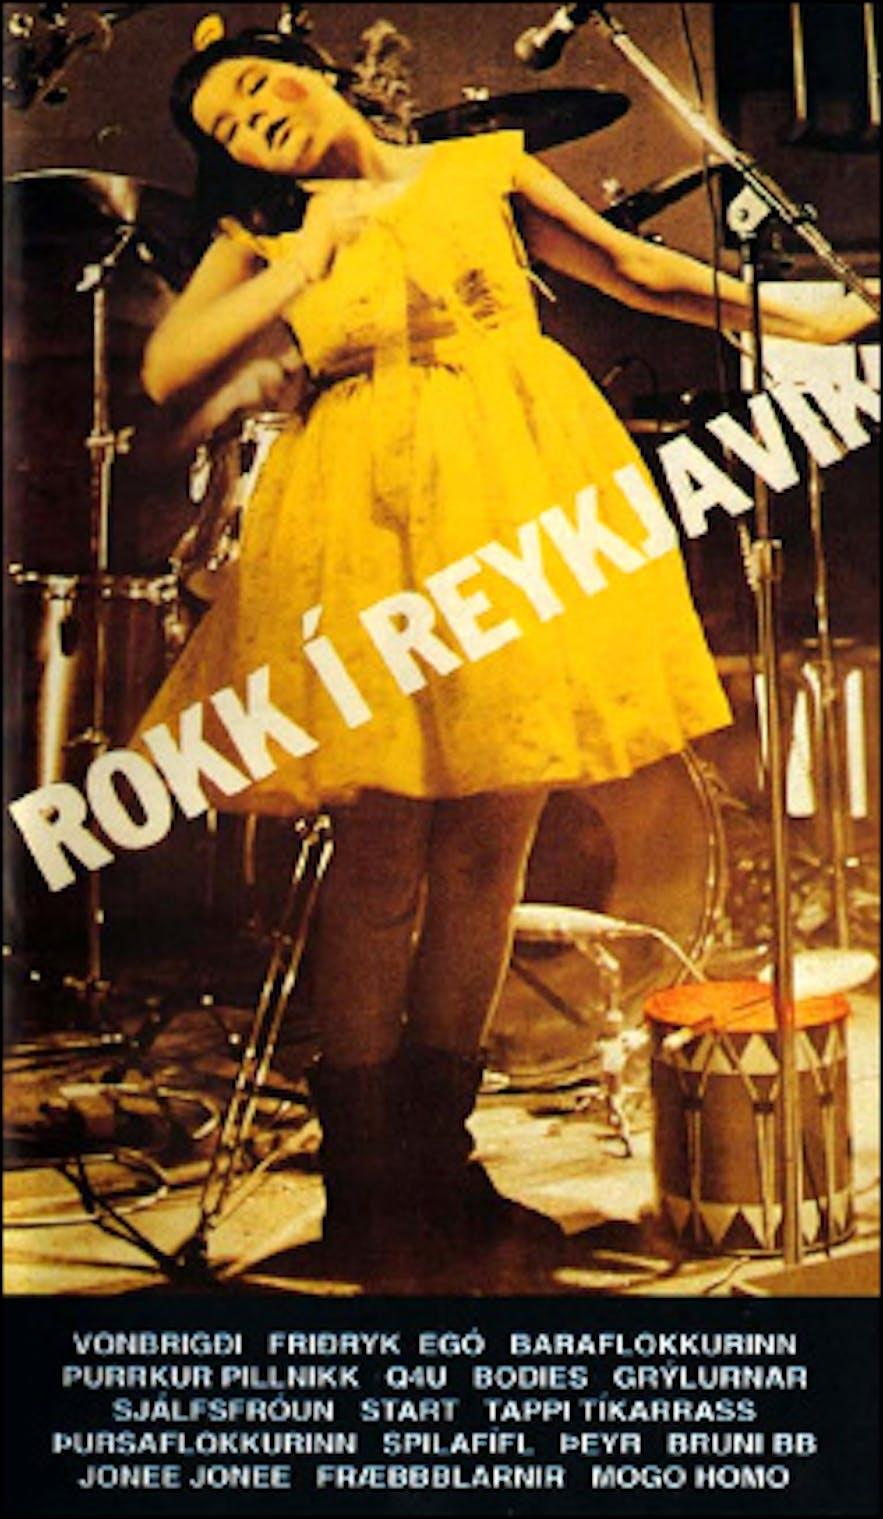 The poster for Rokk í Reykjavík